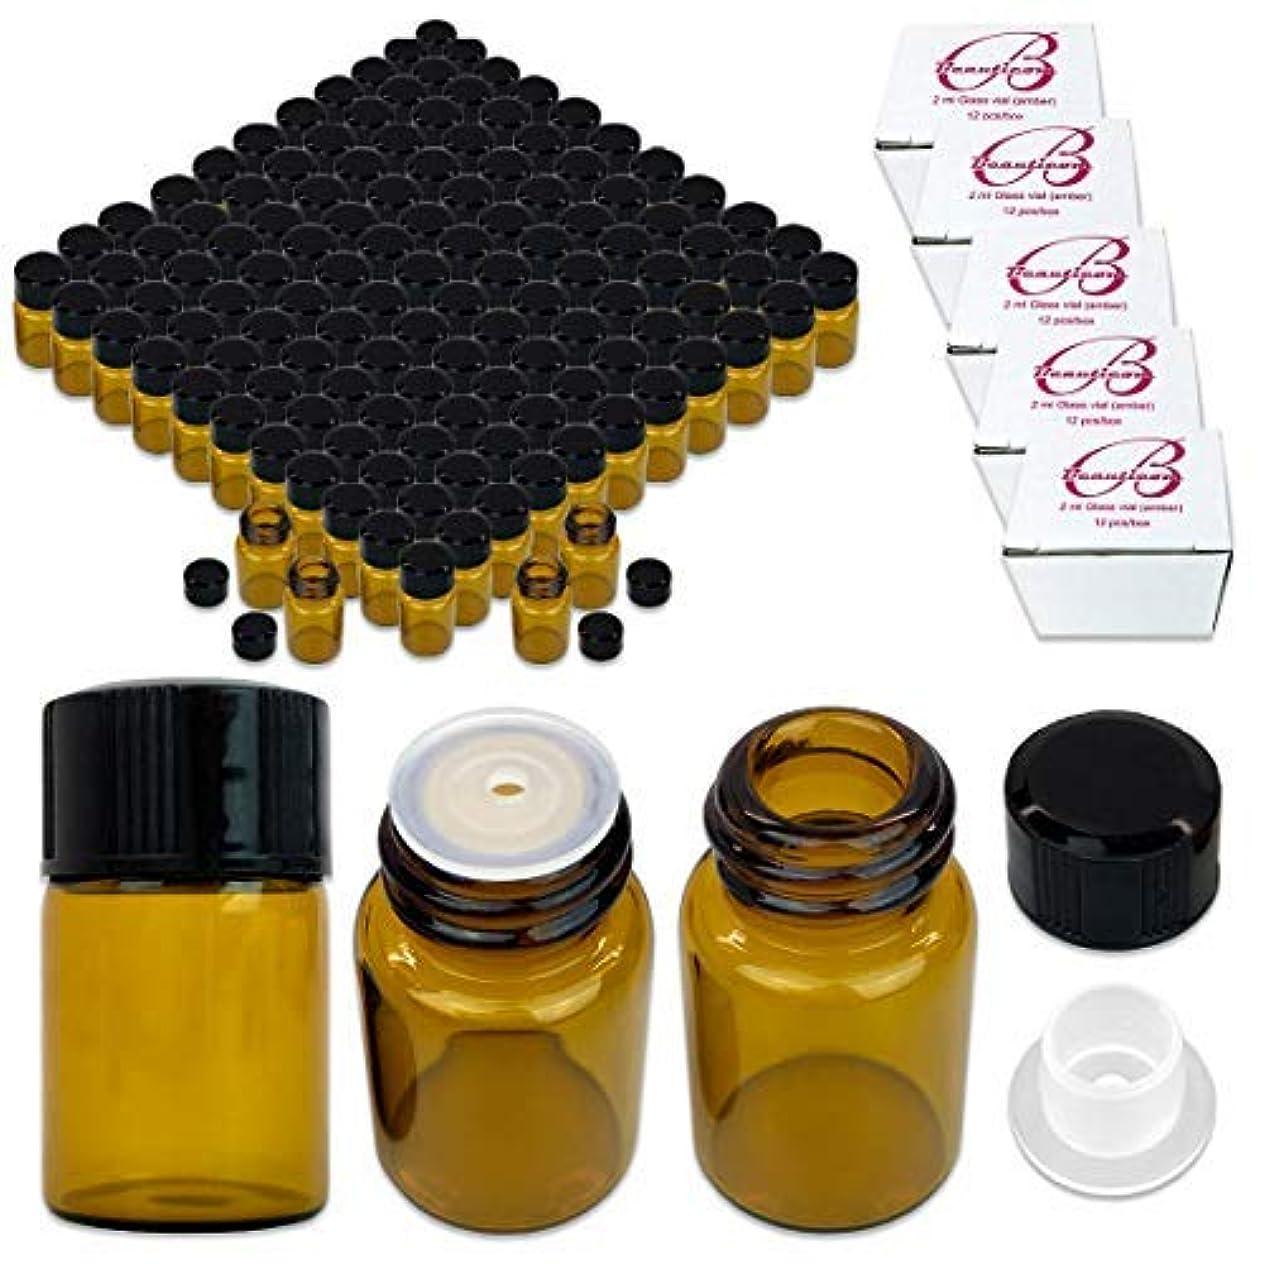 ふつうミス保険180 Packs Beauticom 2ML Amber Glass Vial for Essential Oils, Aromatherapy, Fragrance, Serums, Spritzes, with Orifice...